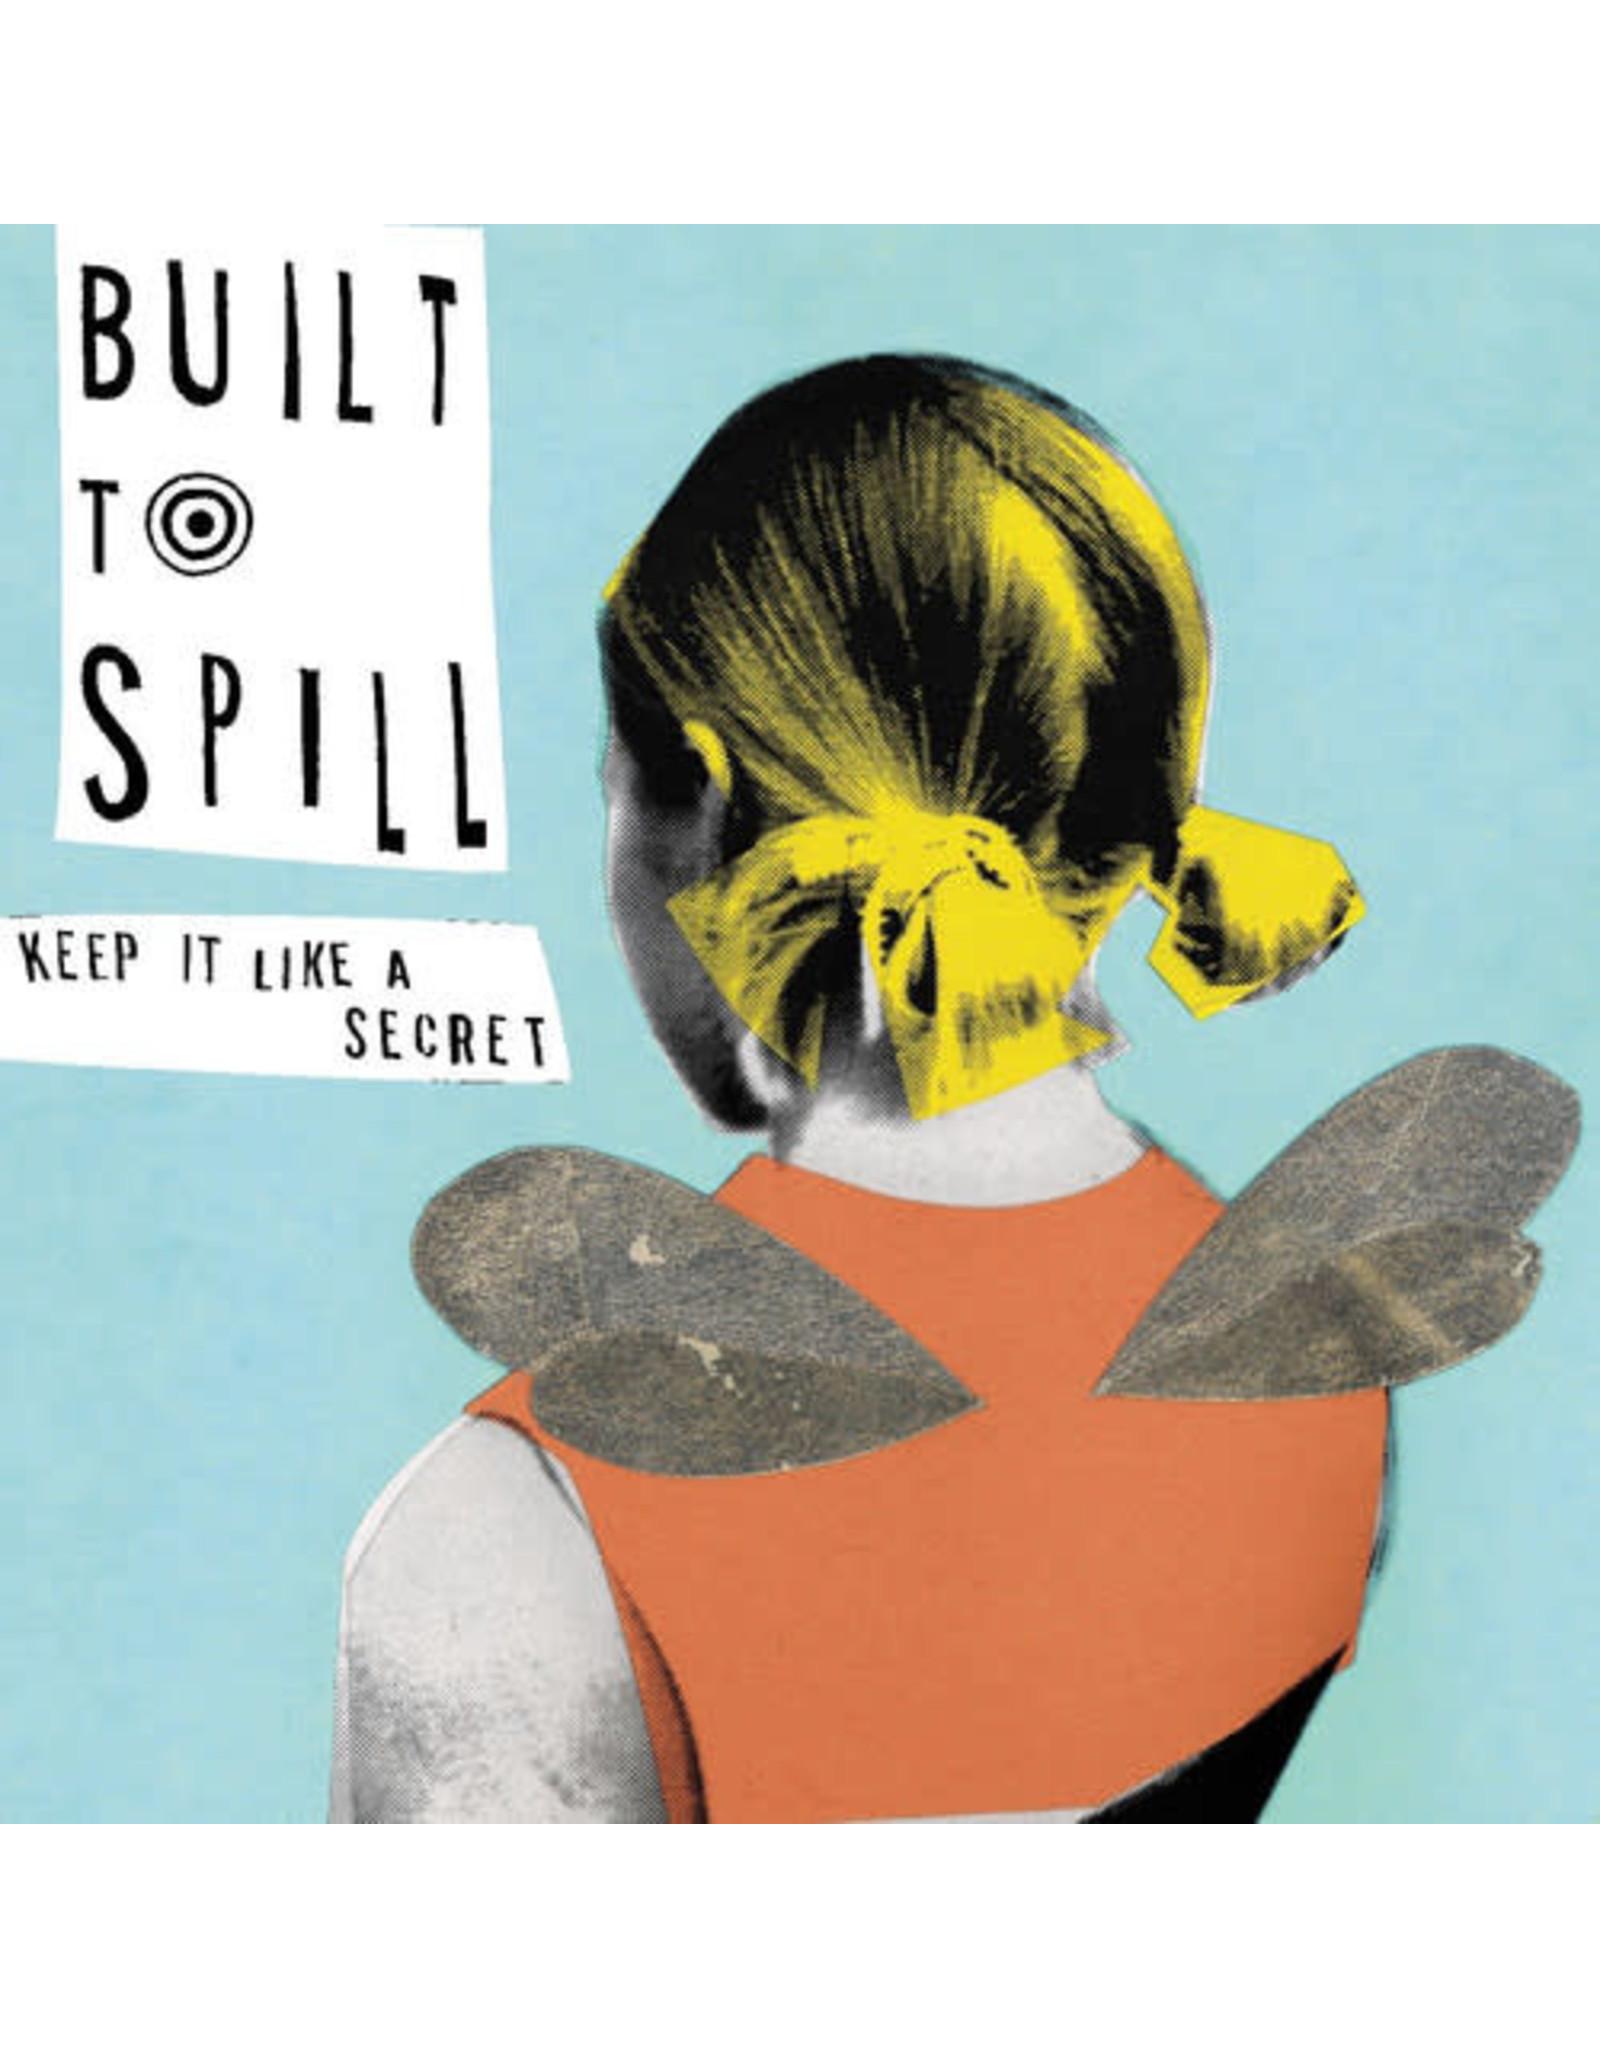 New Vinyl Built To Spill - Keep It Like A Secret 2LP